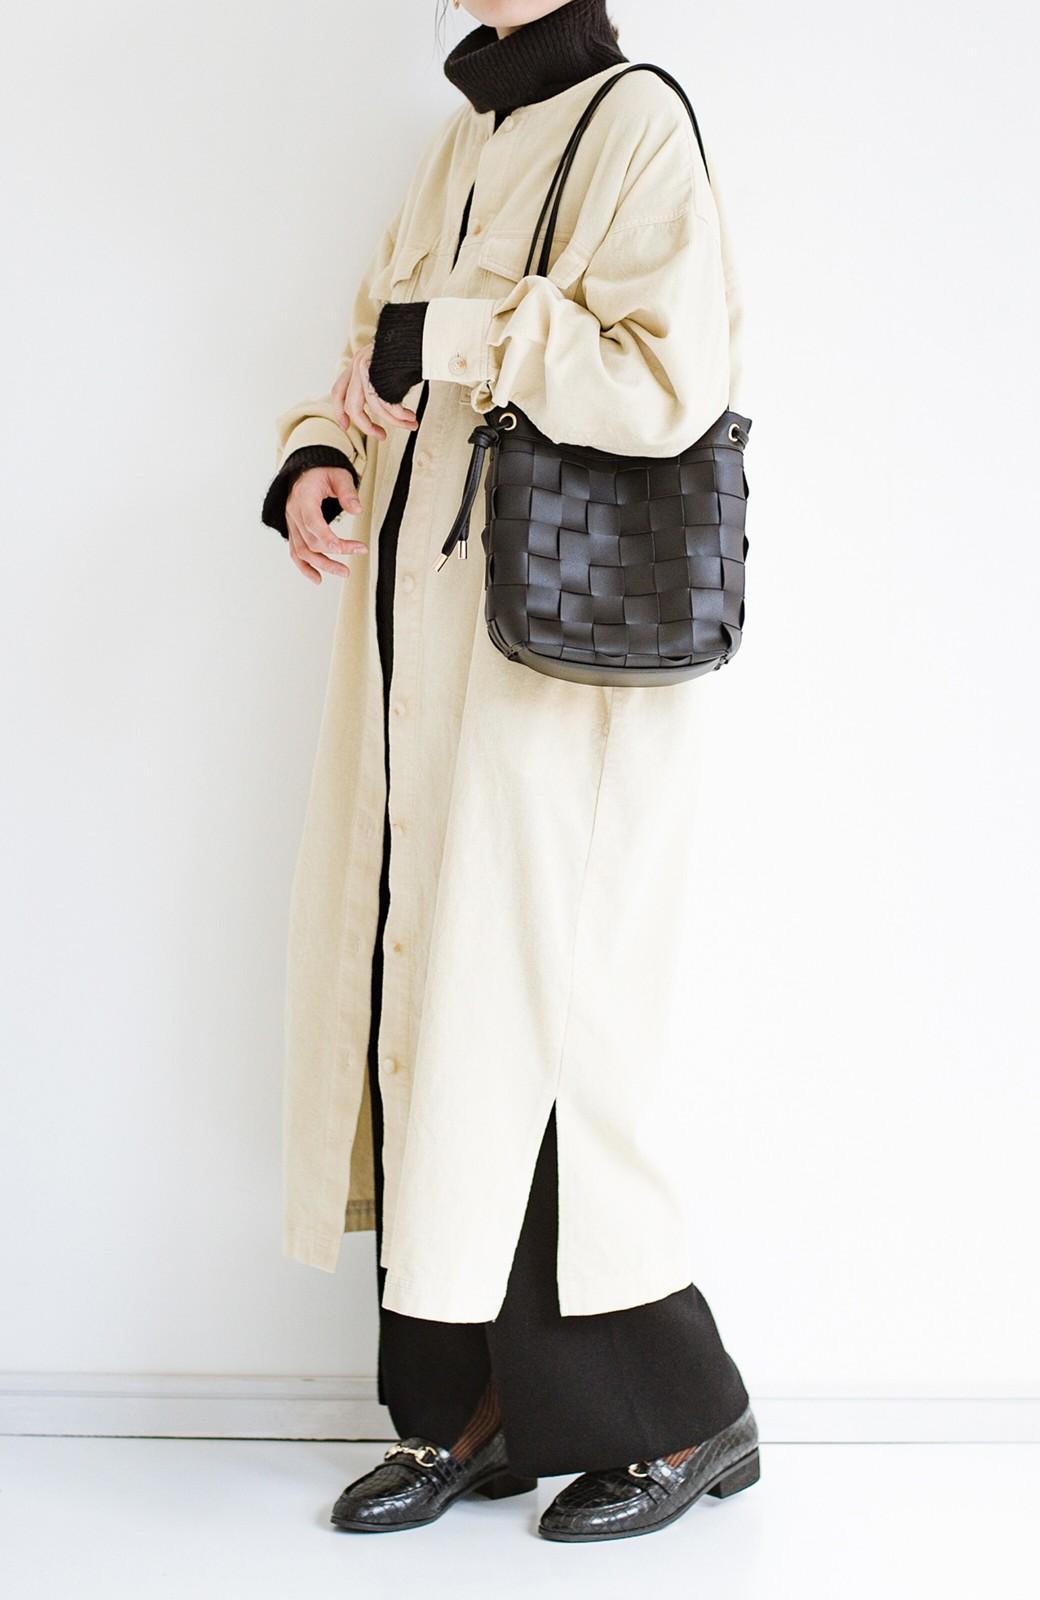 haco! さっと持って女っぽ 手編みメッシュが上品なやわらかフェイクレザーのトートバッグ <ブラック>の商品写真4